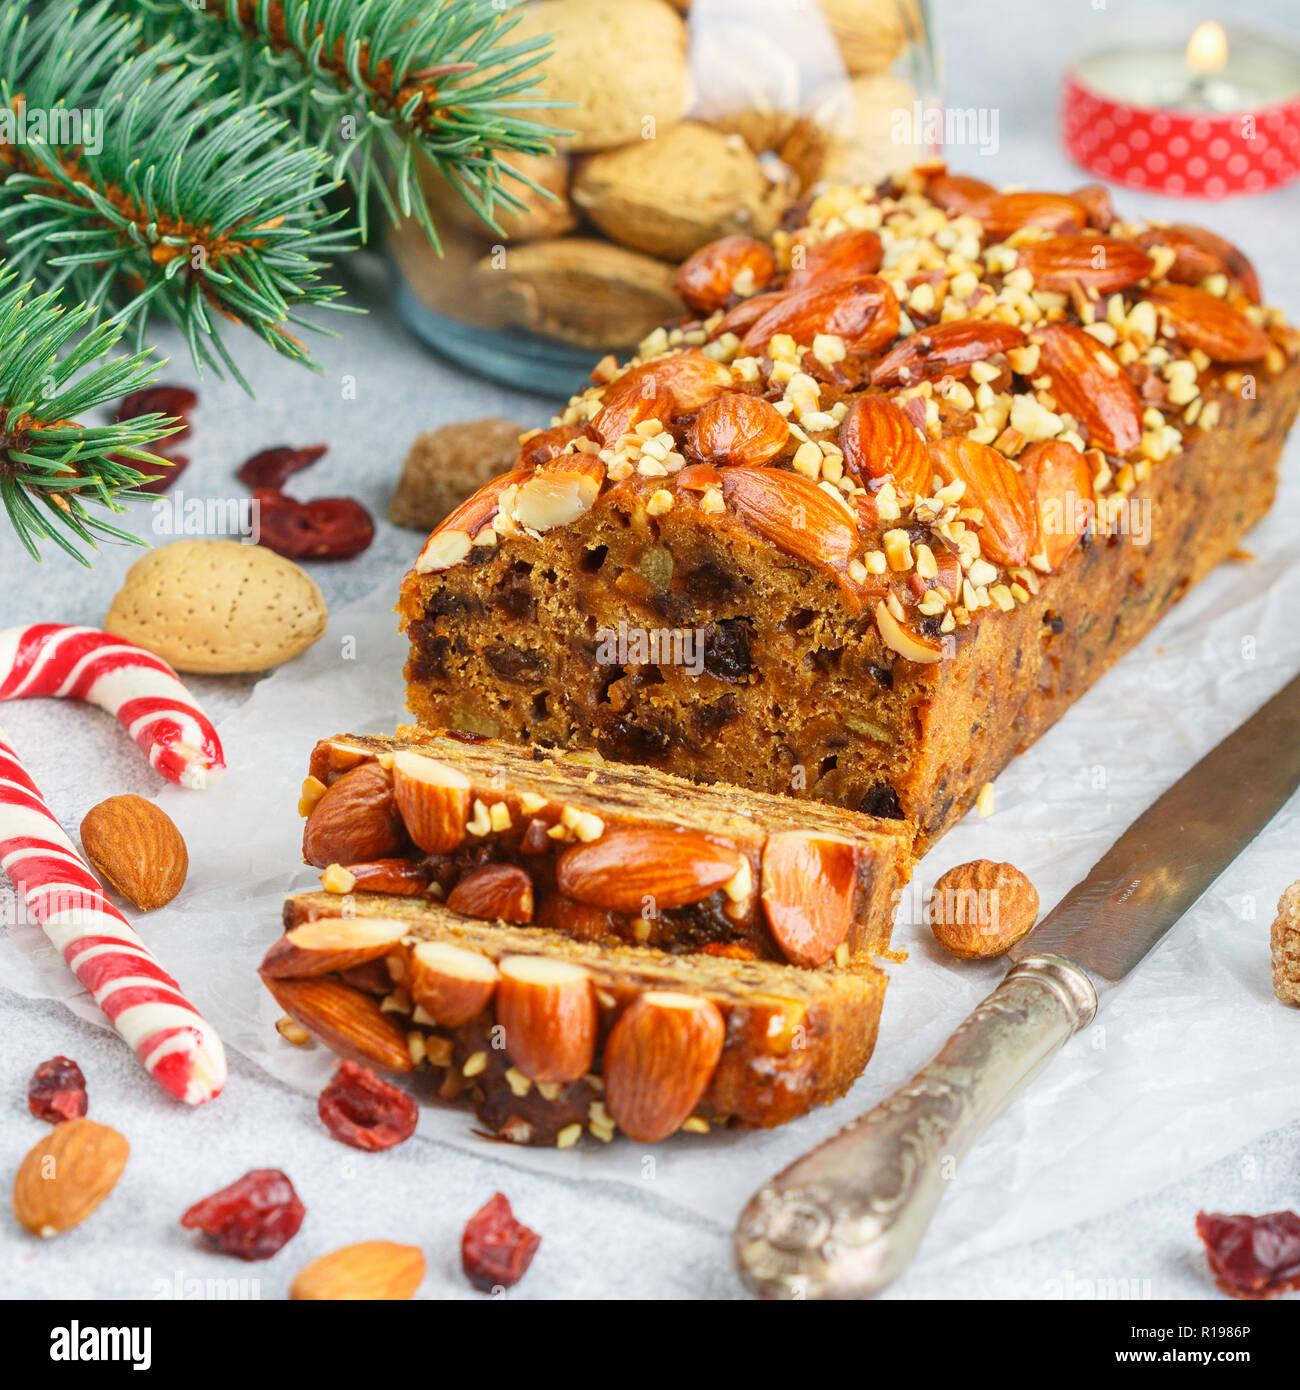 Obstkuchen. Traditionelle weihnachtliche Kuchen mit Mandeln, getrocknete Cranberries, Zimt, Kardamom, Anis, Nelken. Für das neue Jahr. Selektive konzentrieren. Platz Bild Stockbild